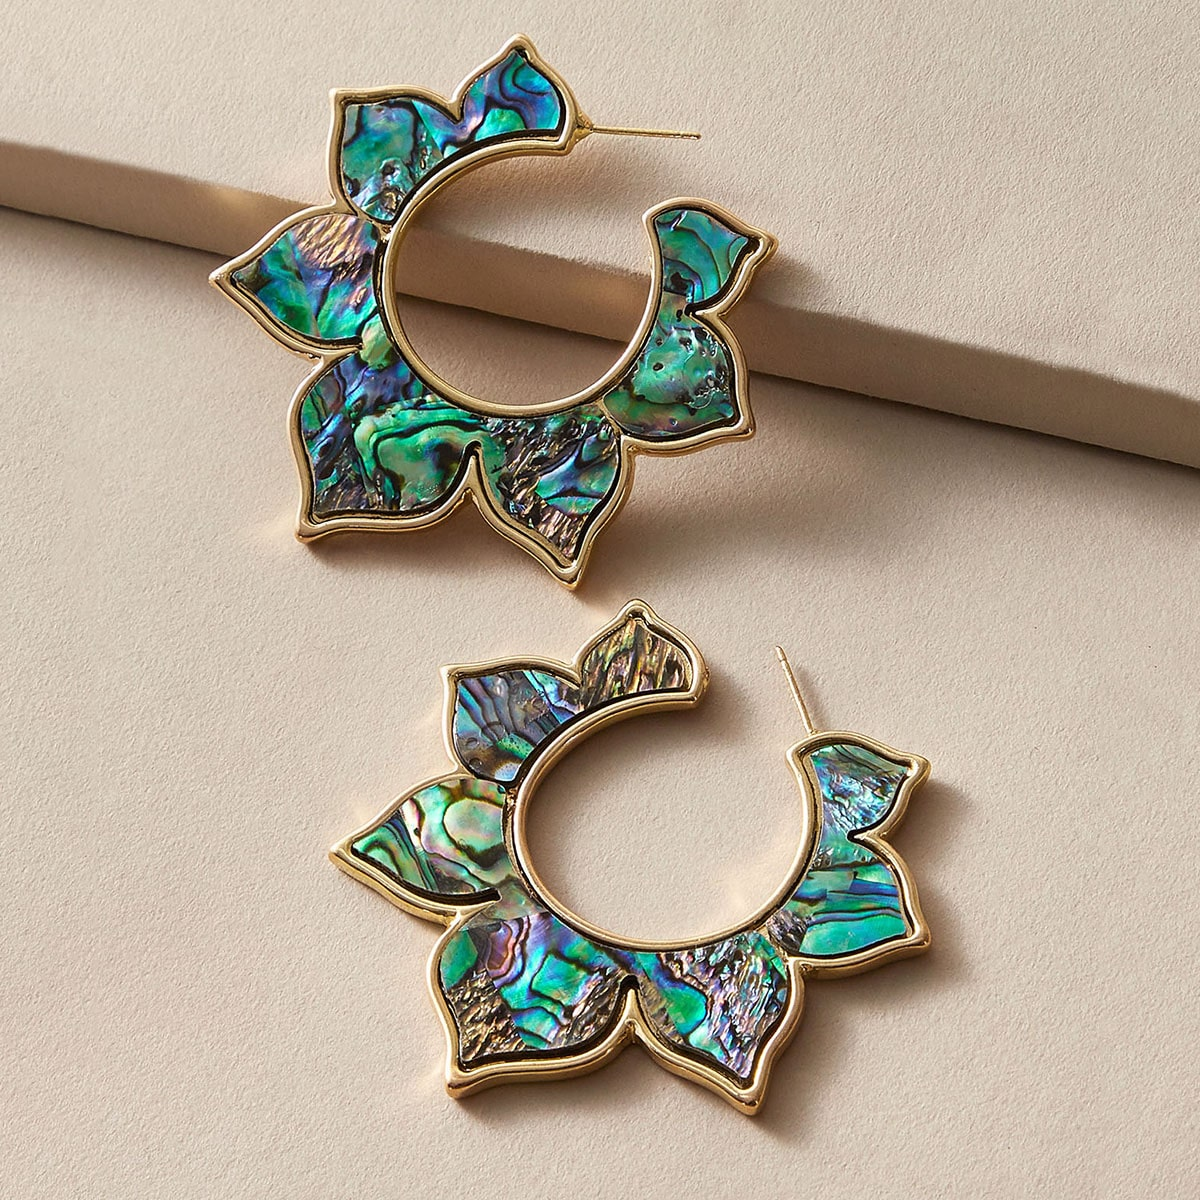 SHEIN / 1 Paar Muschel Gravierte Blumenmuster Ohrringe